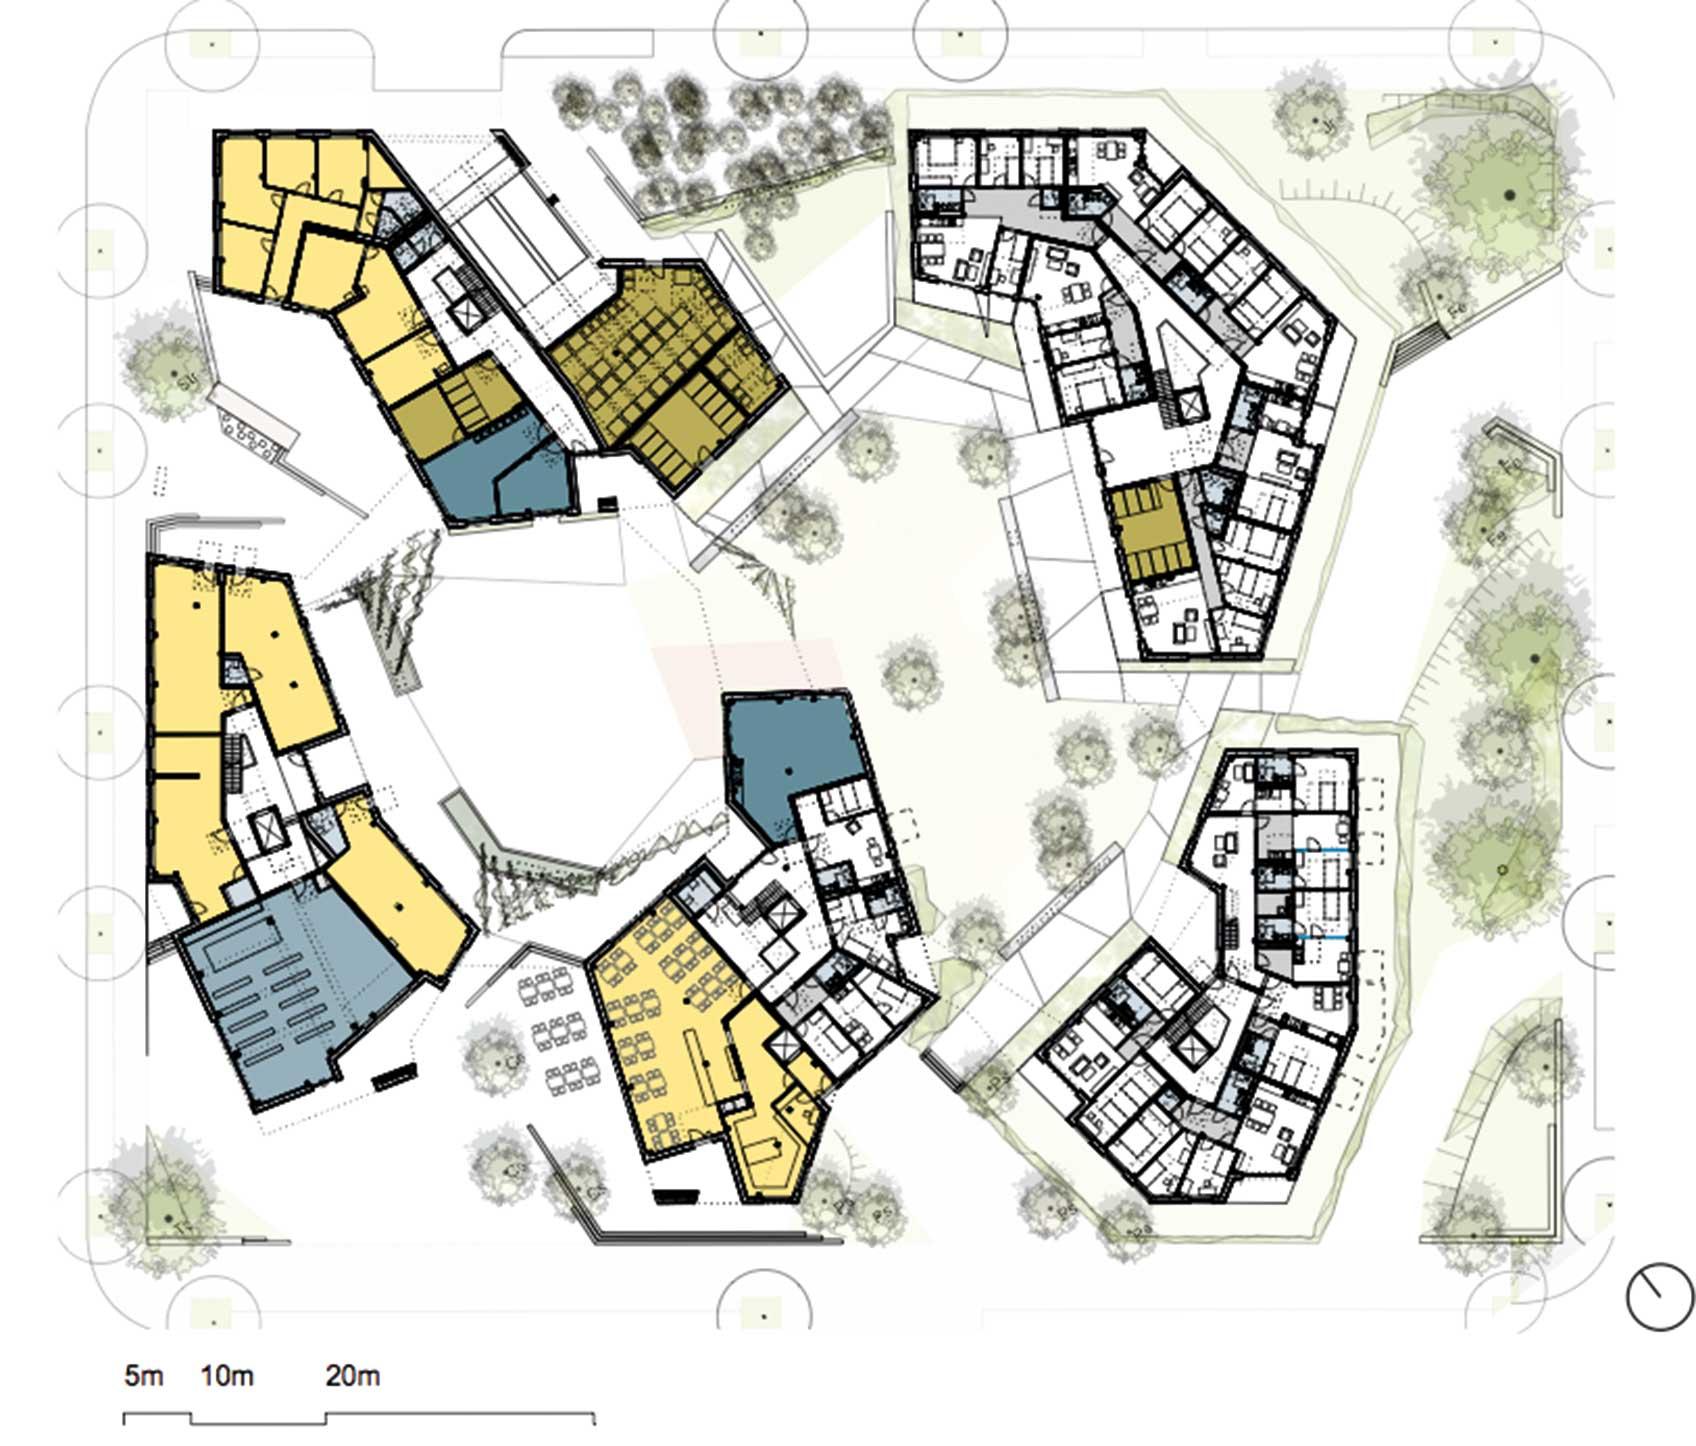 Plan över WagnisART, München, ett kvarter format tillsammans med de blivande  boende. Vitt= bostäder, blått=gemensamt, gult= lokaler.